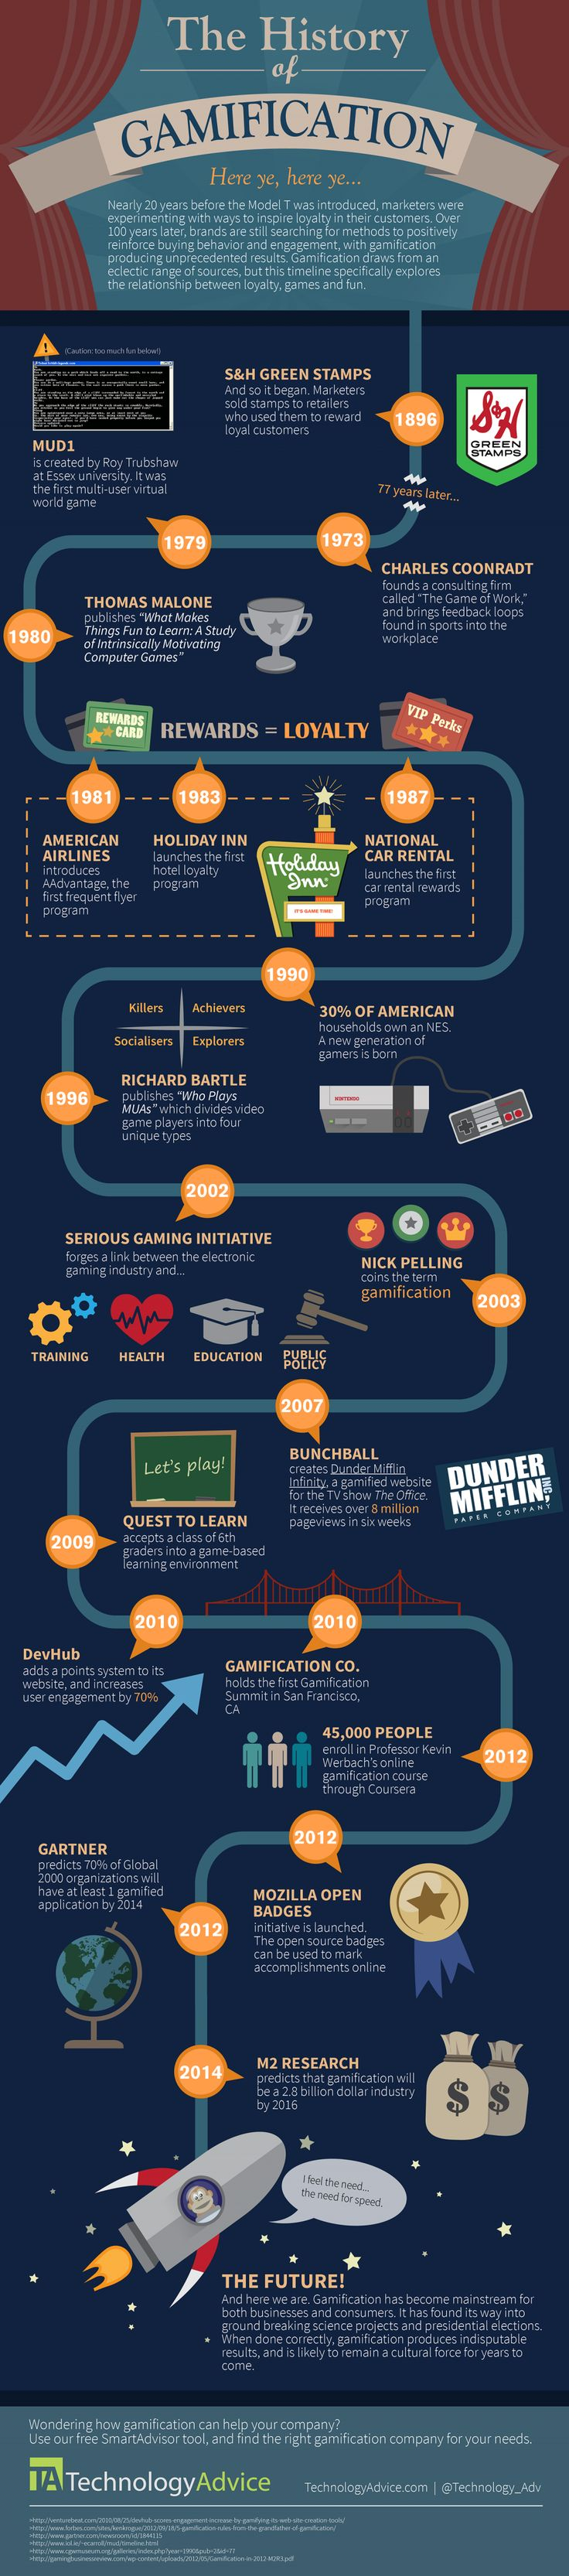 A Brief History of Gamification Infographic Breve historia sobre la gamificación y sus orígenes...